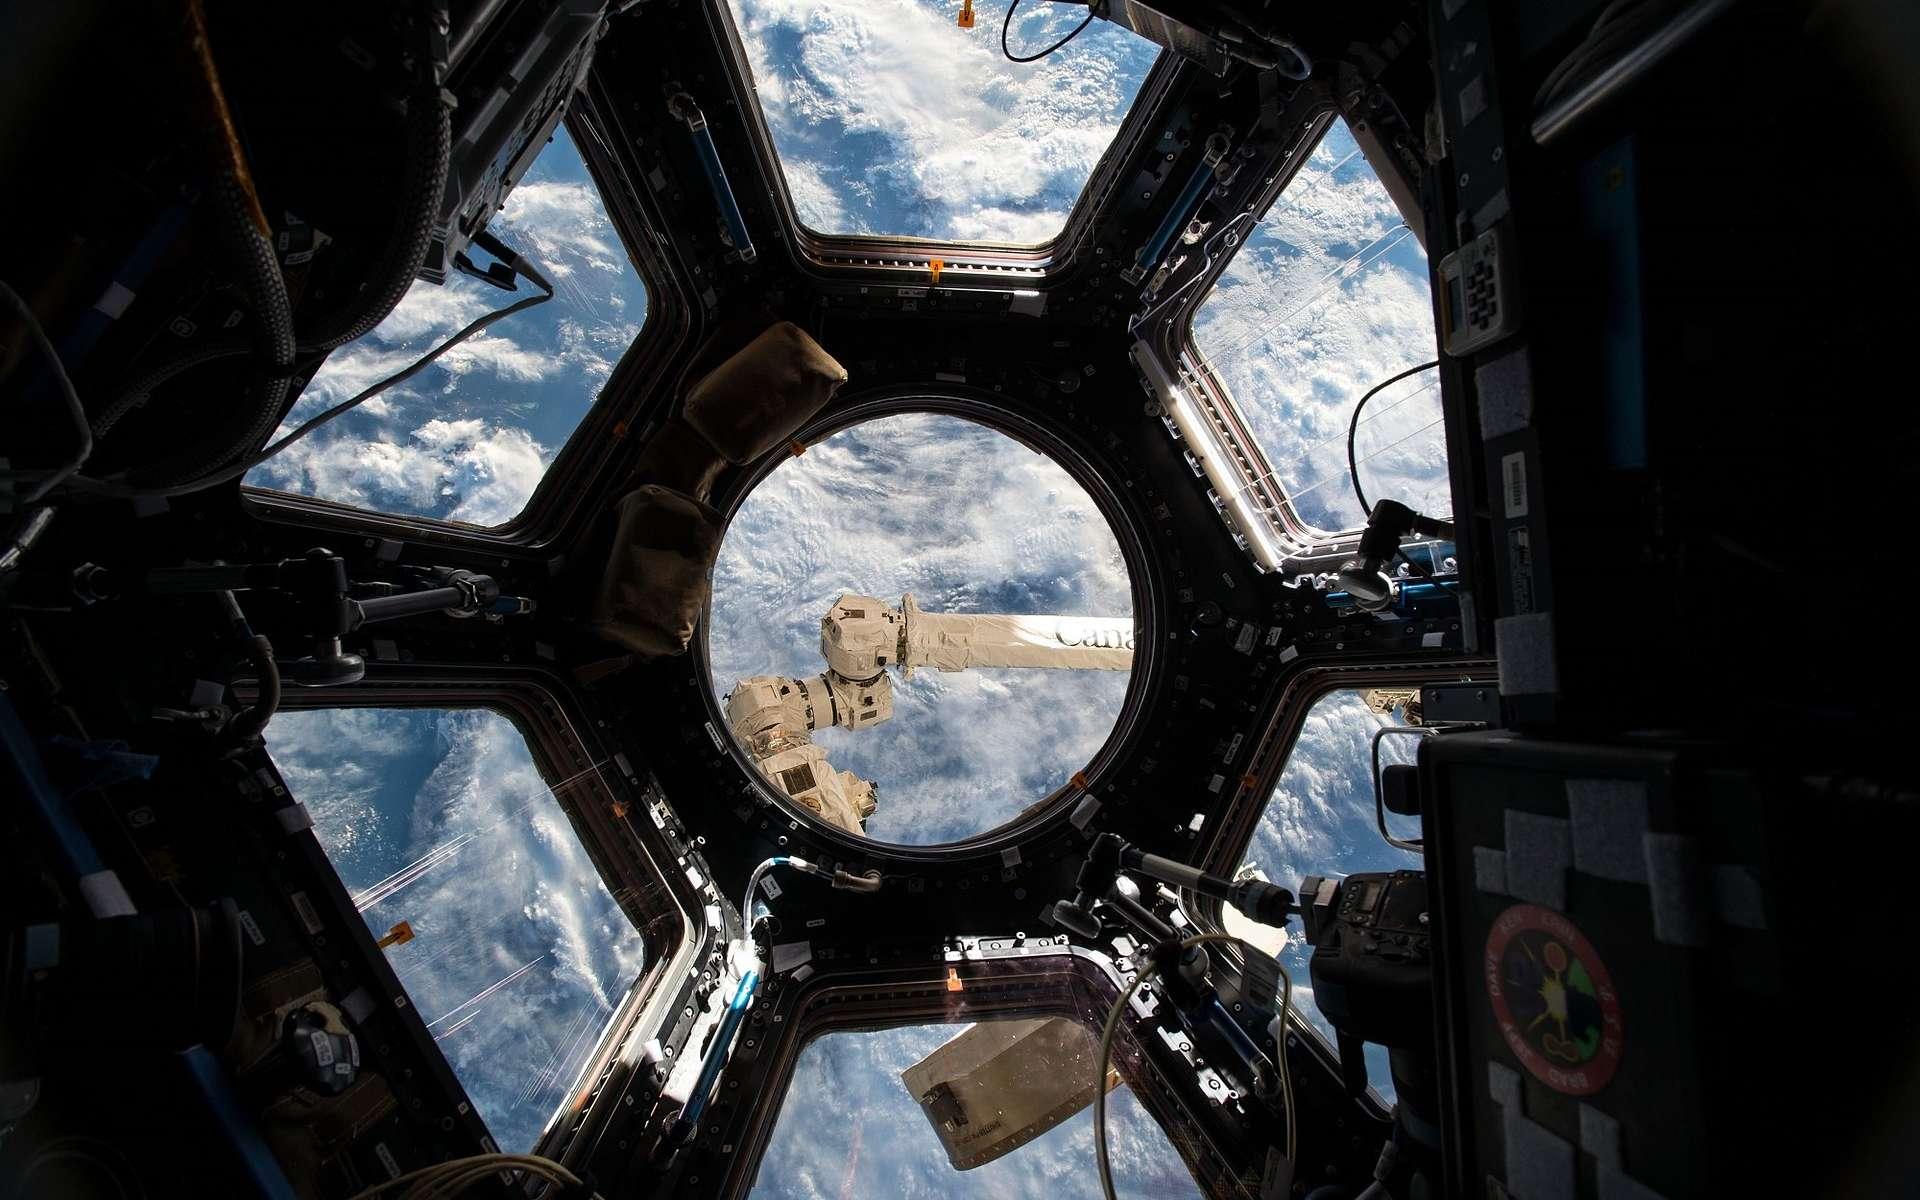 La coupole d'observation de la Station spatiale internationale (ISS) est un endroit très visité par les astronautes. C'est également un nid à microbes. © DP